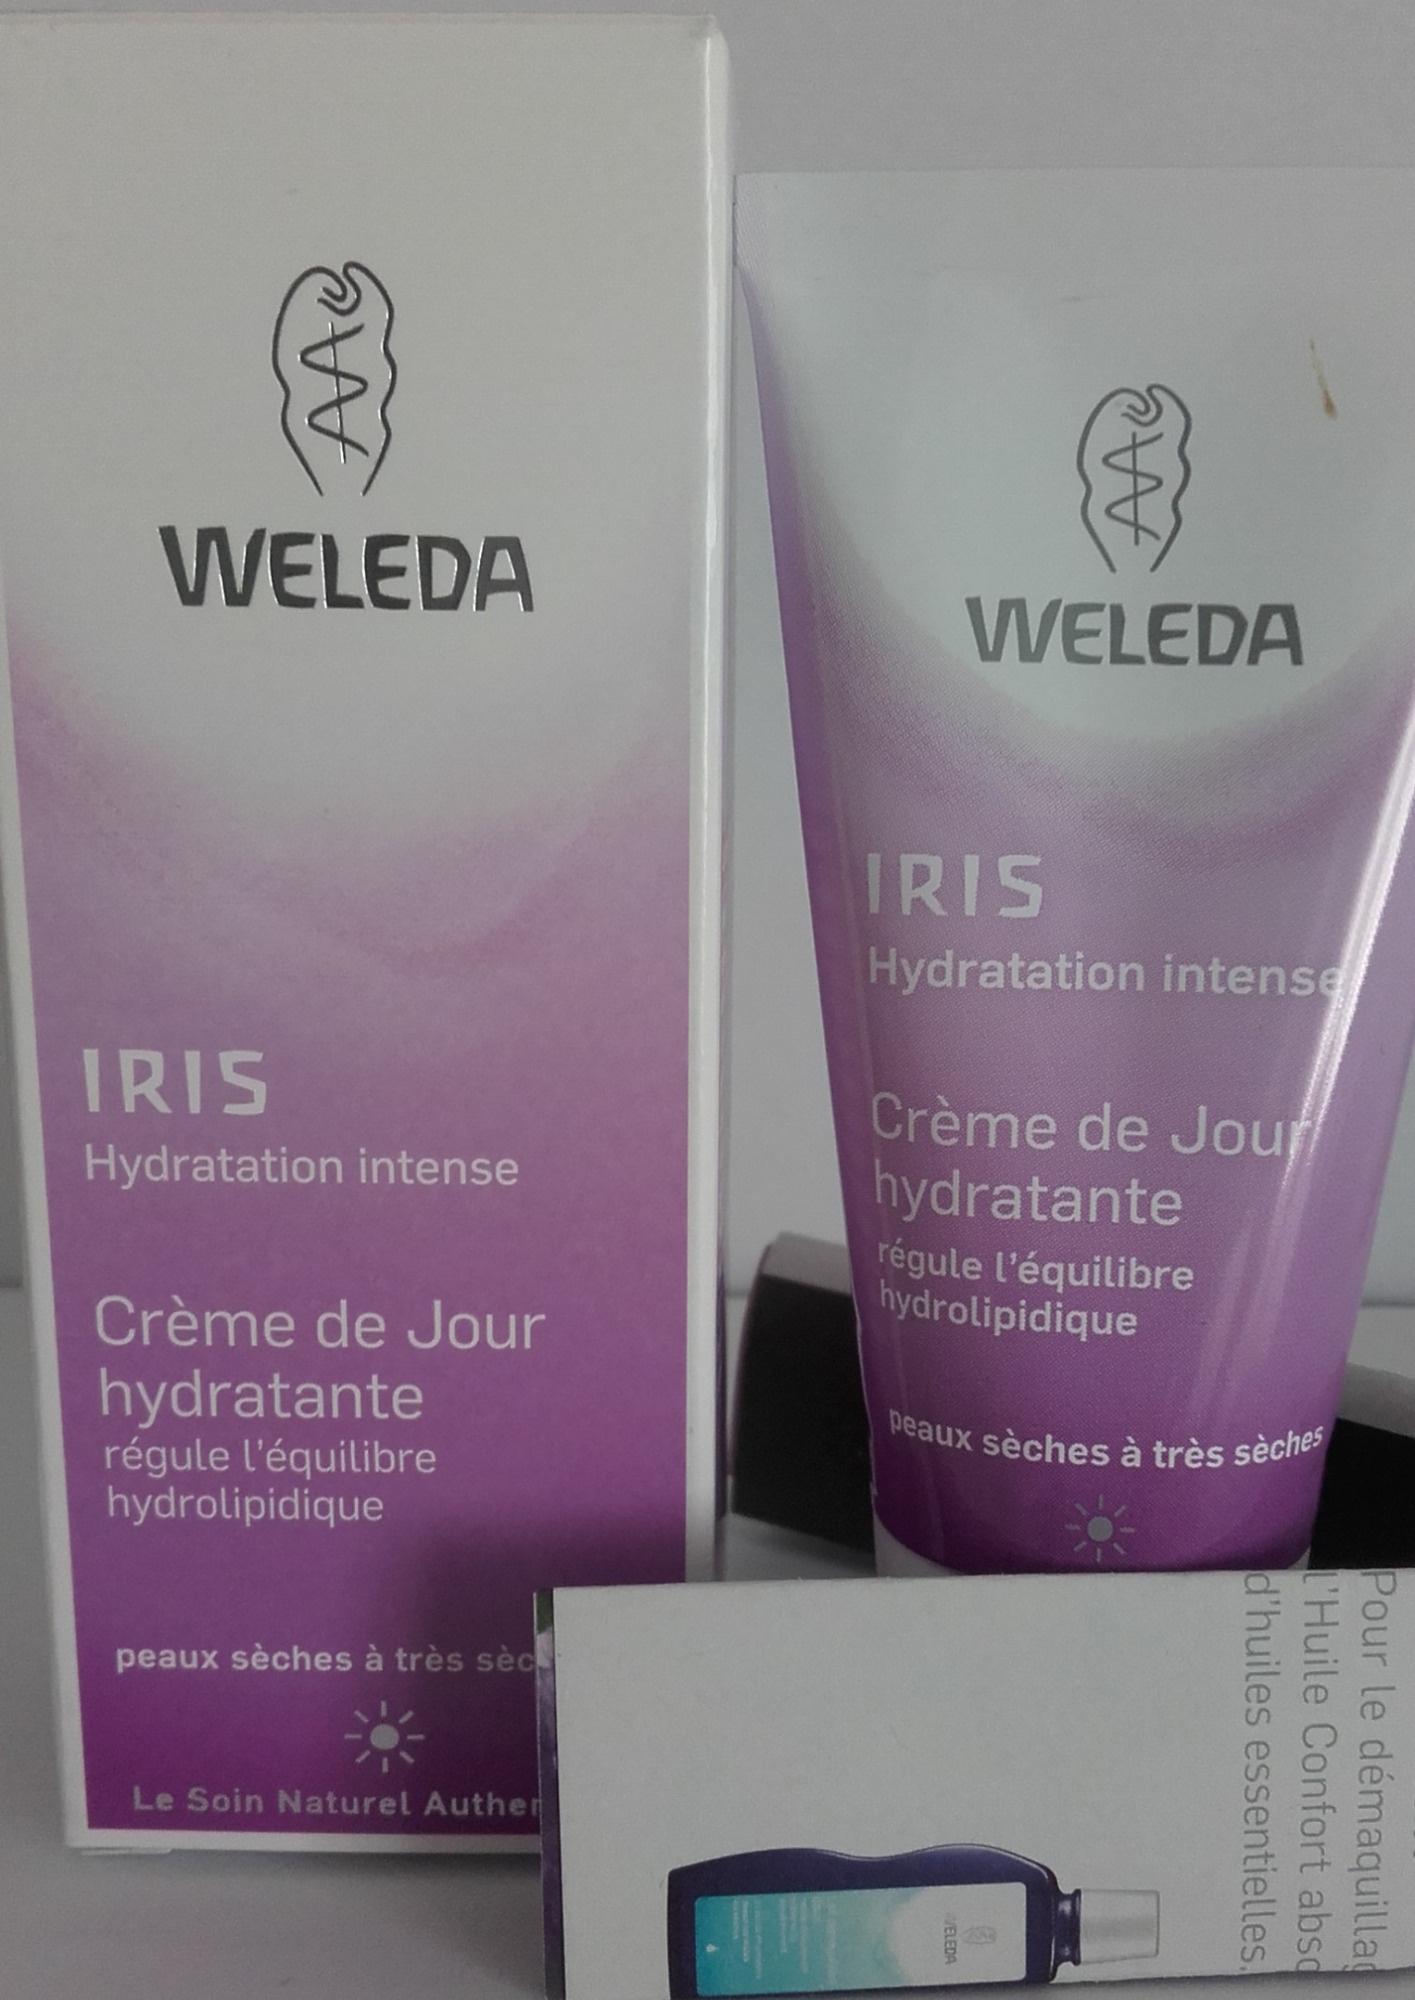 Iris Crème de jour hydratante - Produit - fr